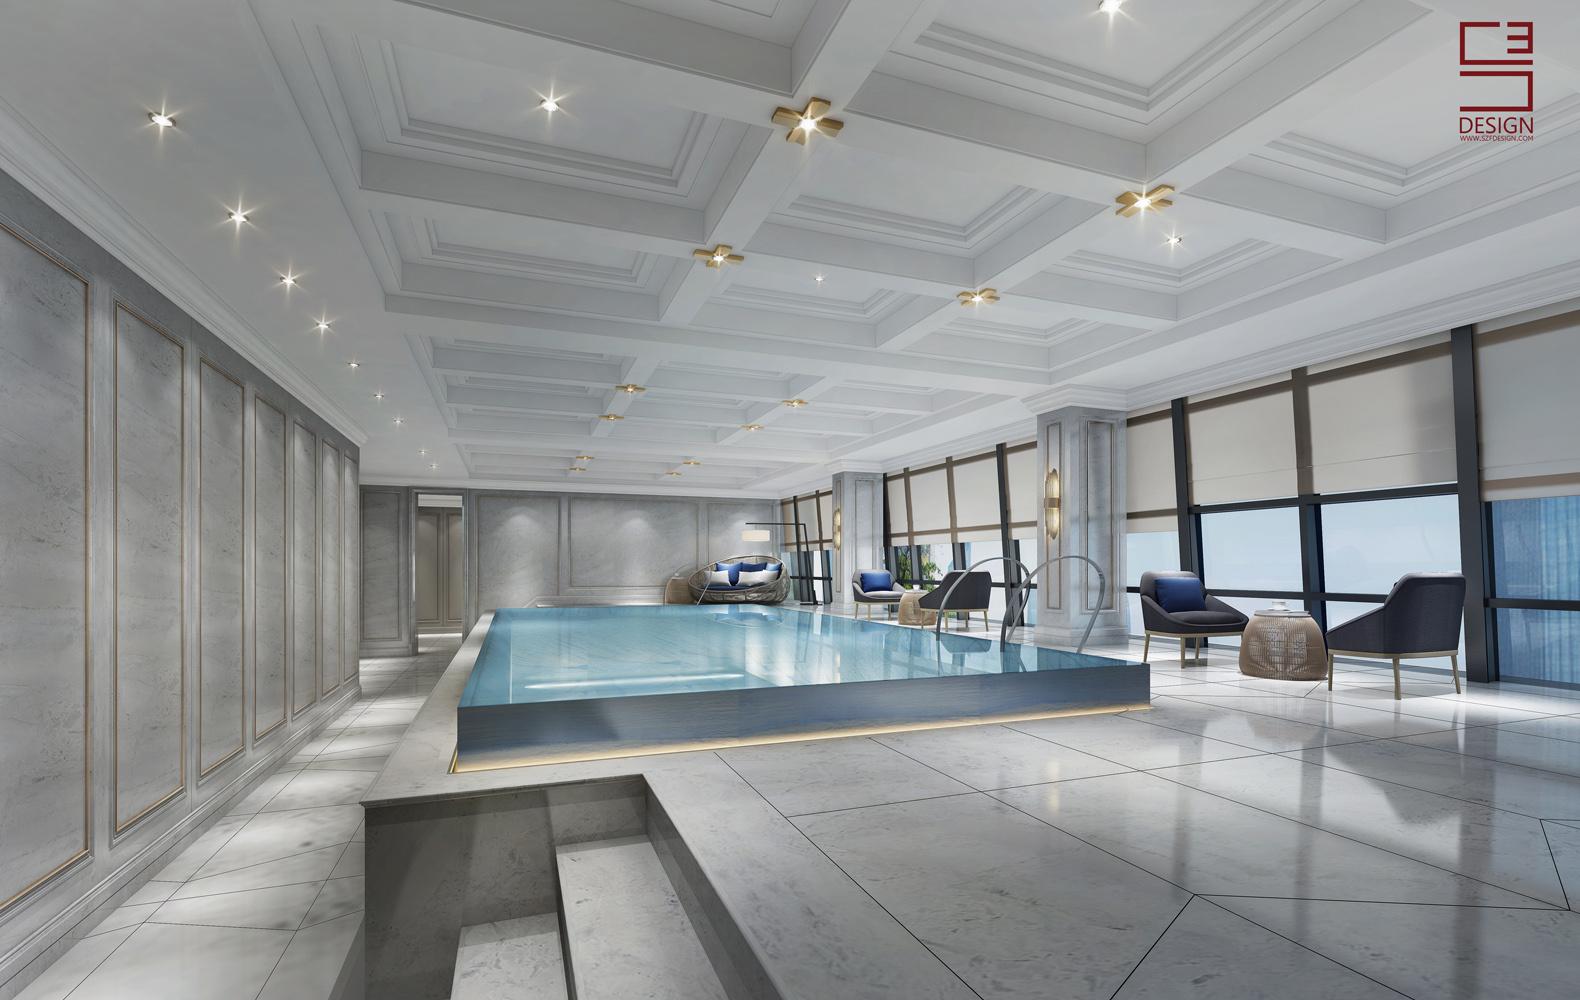 舍宅坊赏析案例室内设计酒店服务2015知道建筑设计设计计费图片